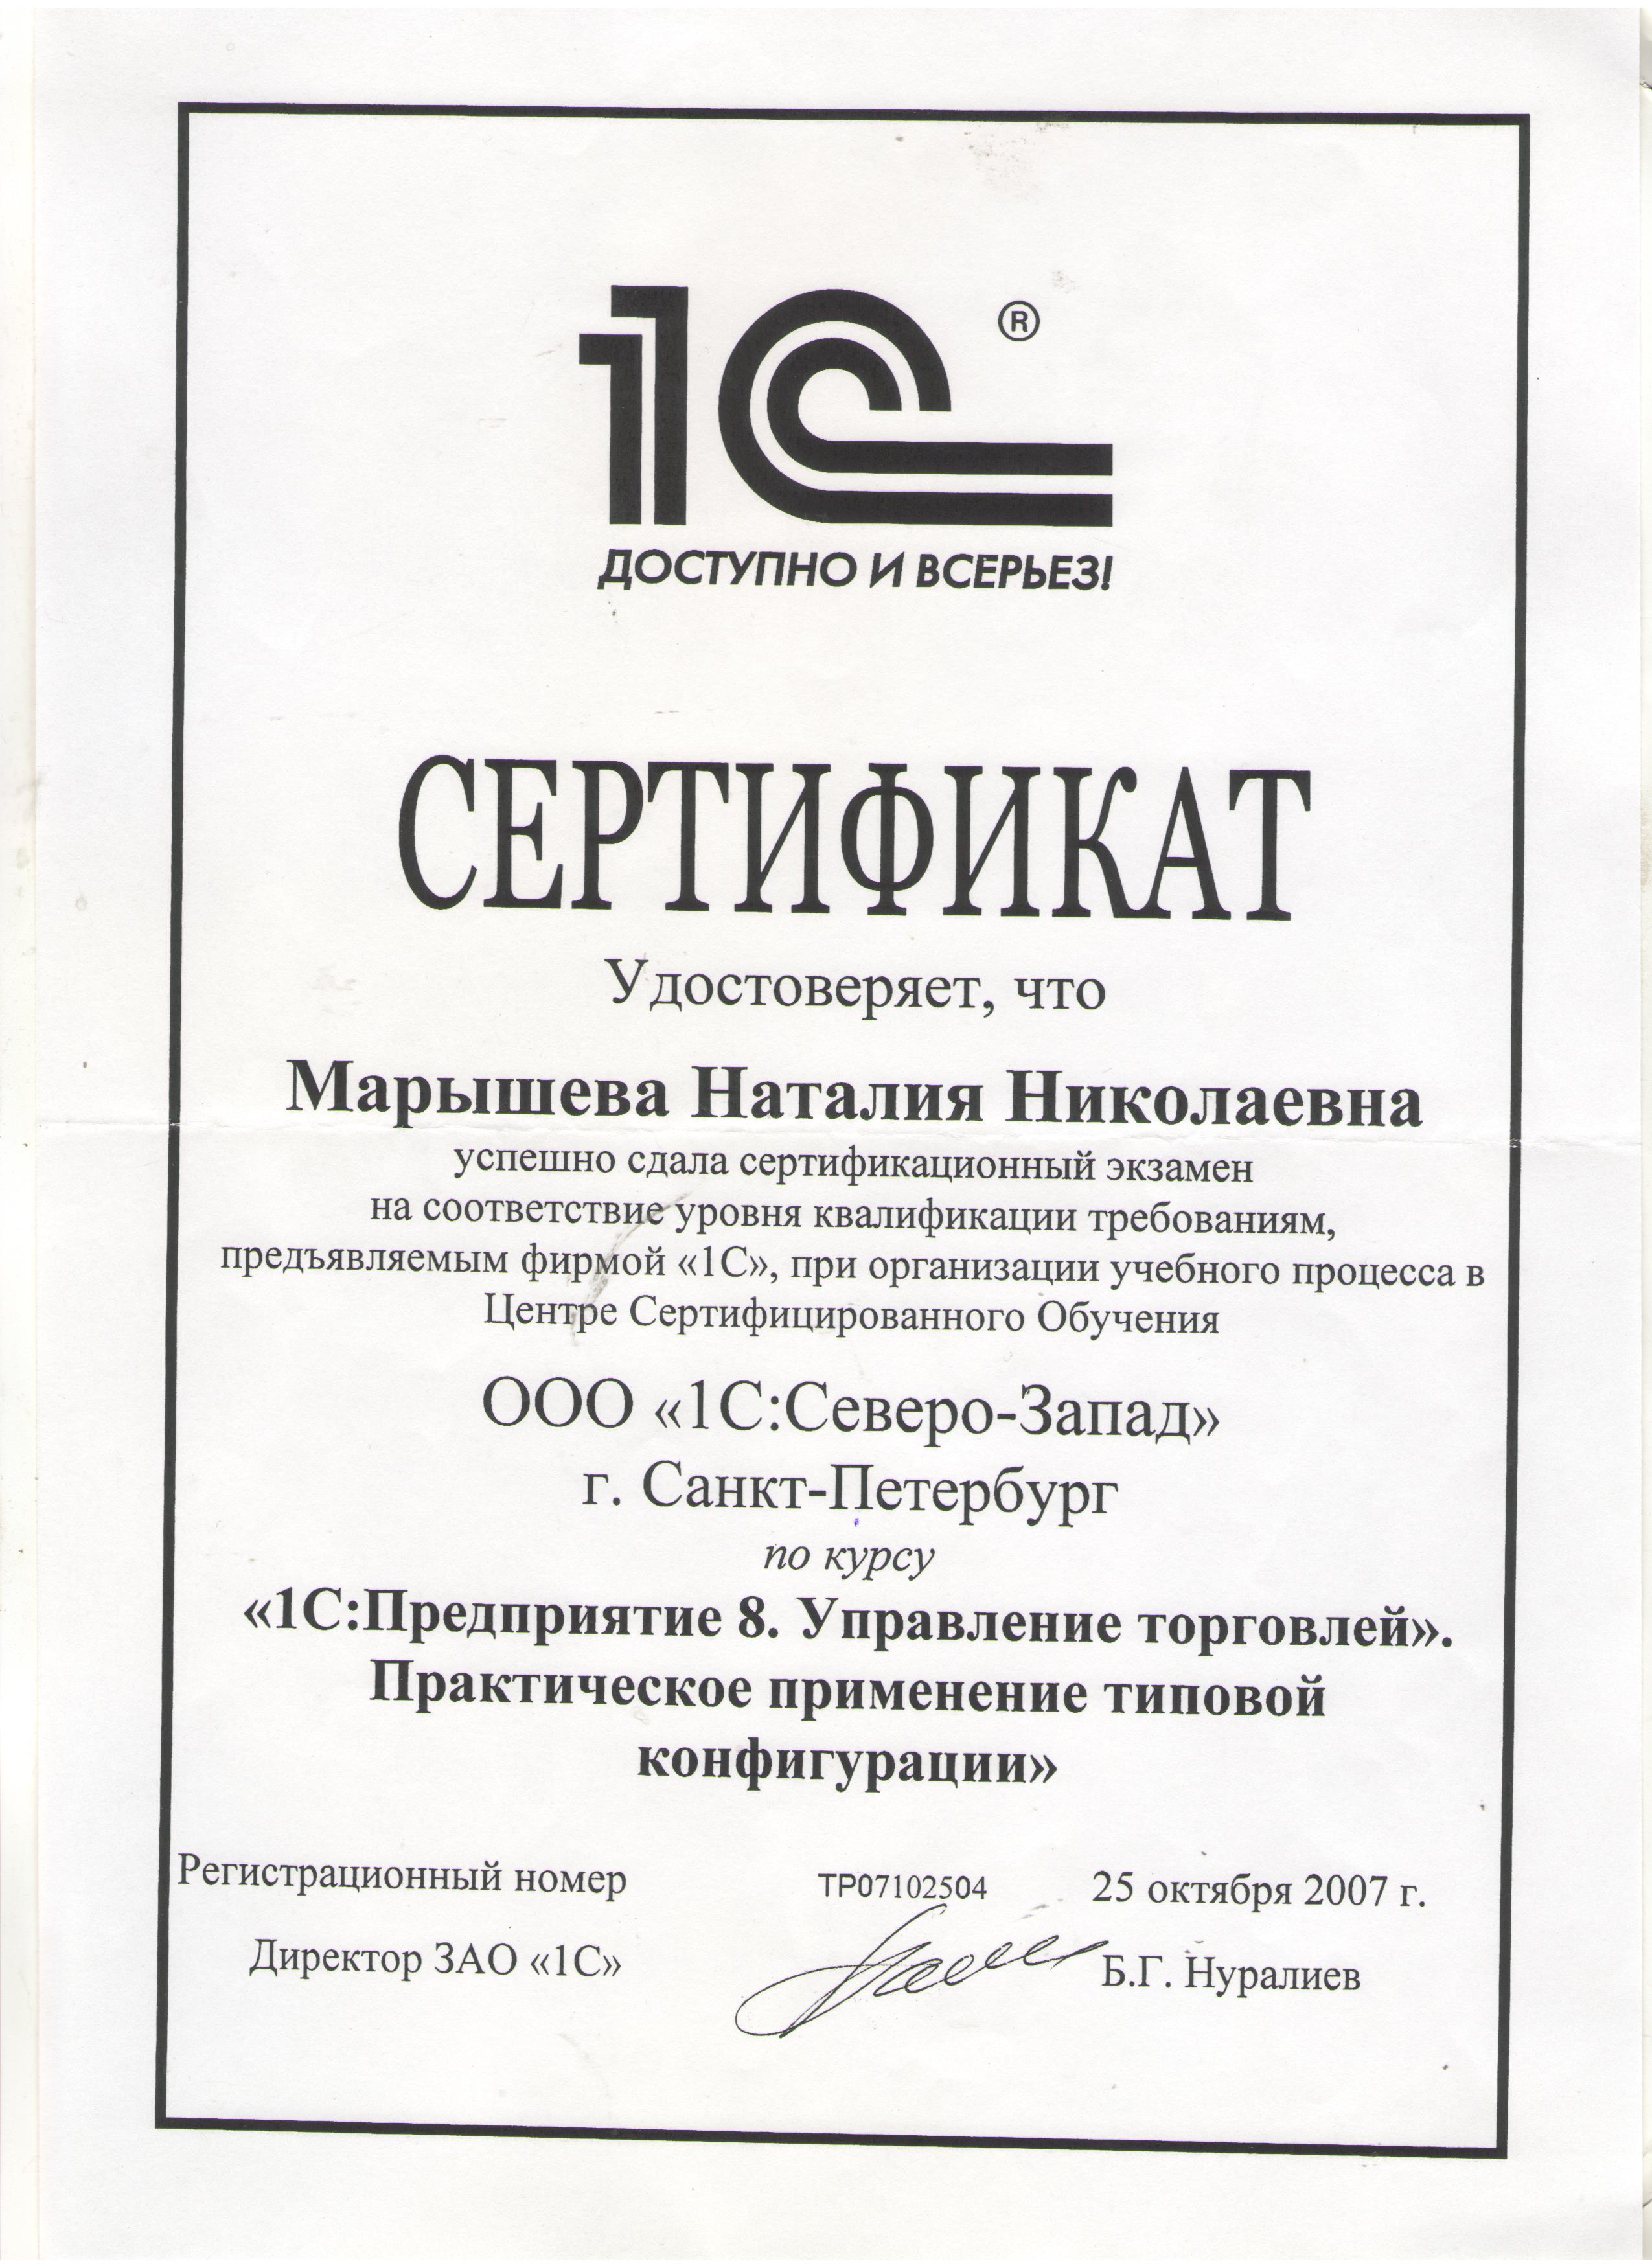 Курс С Предприятие Бухгалтерия предприятия Мероприятия  Сертификат 2007